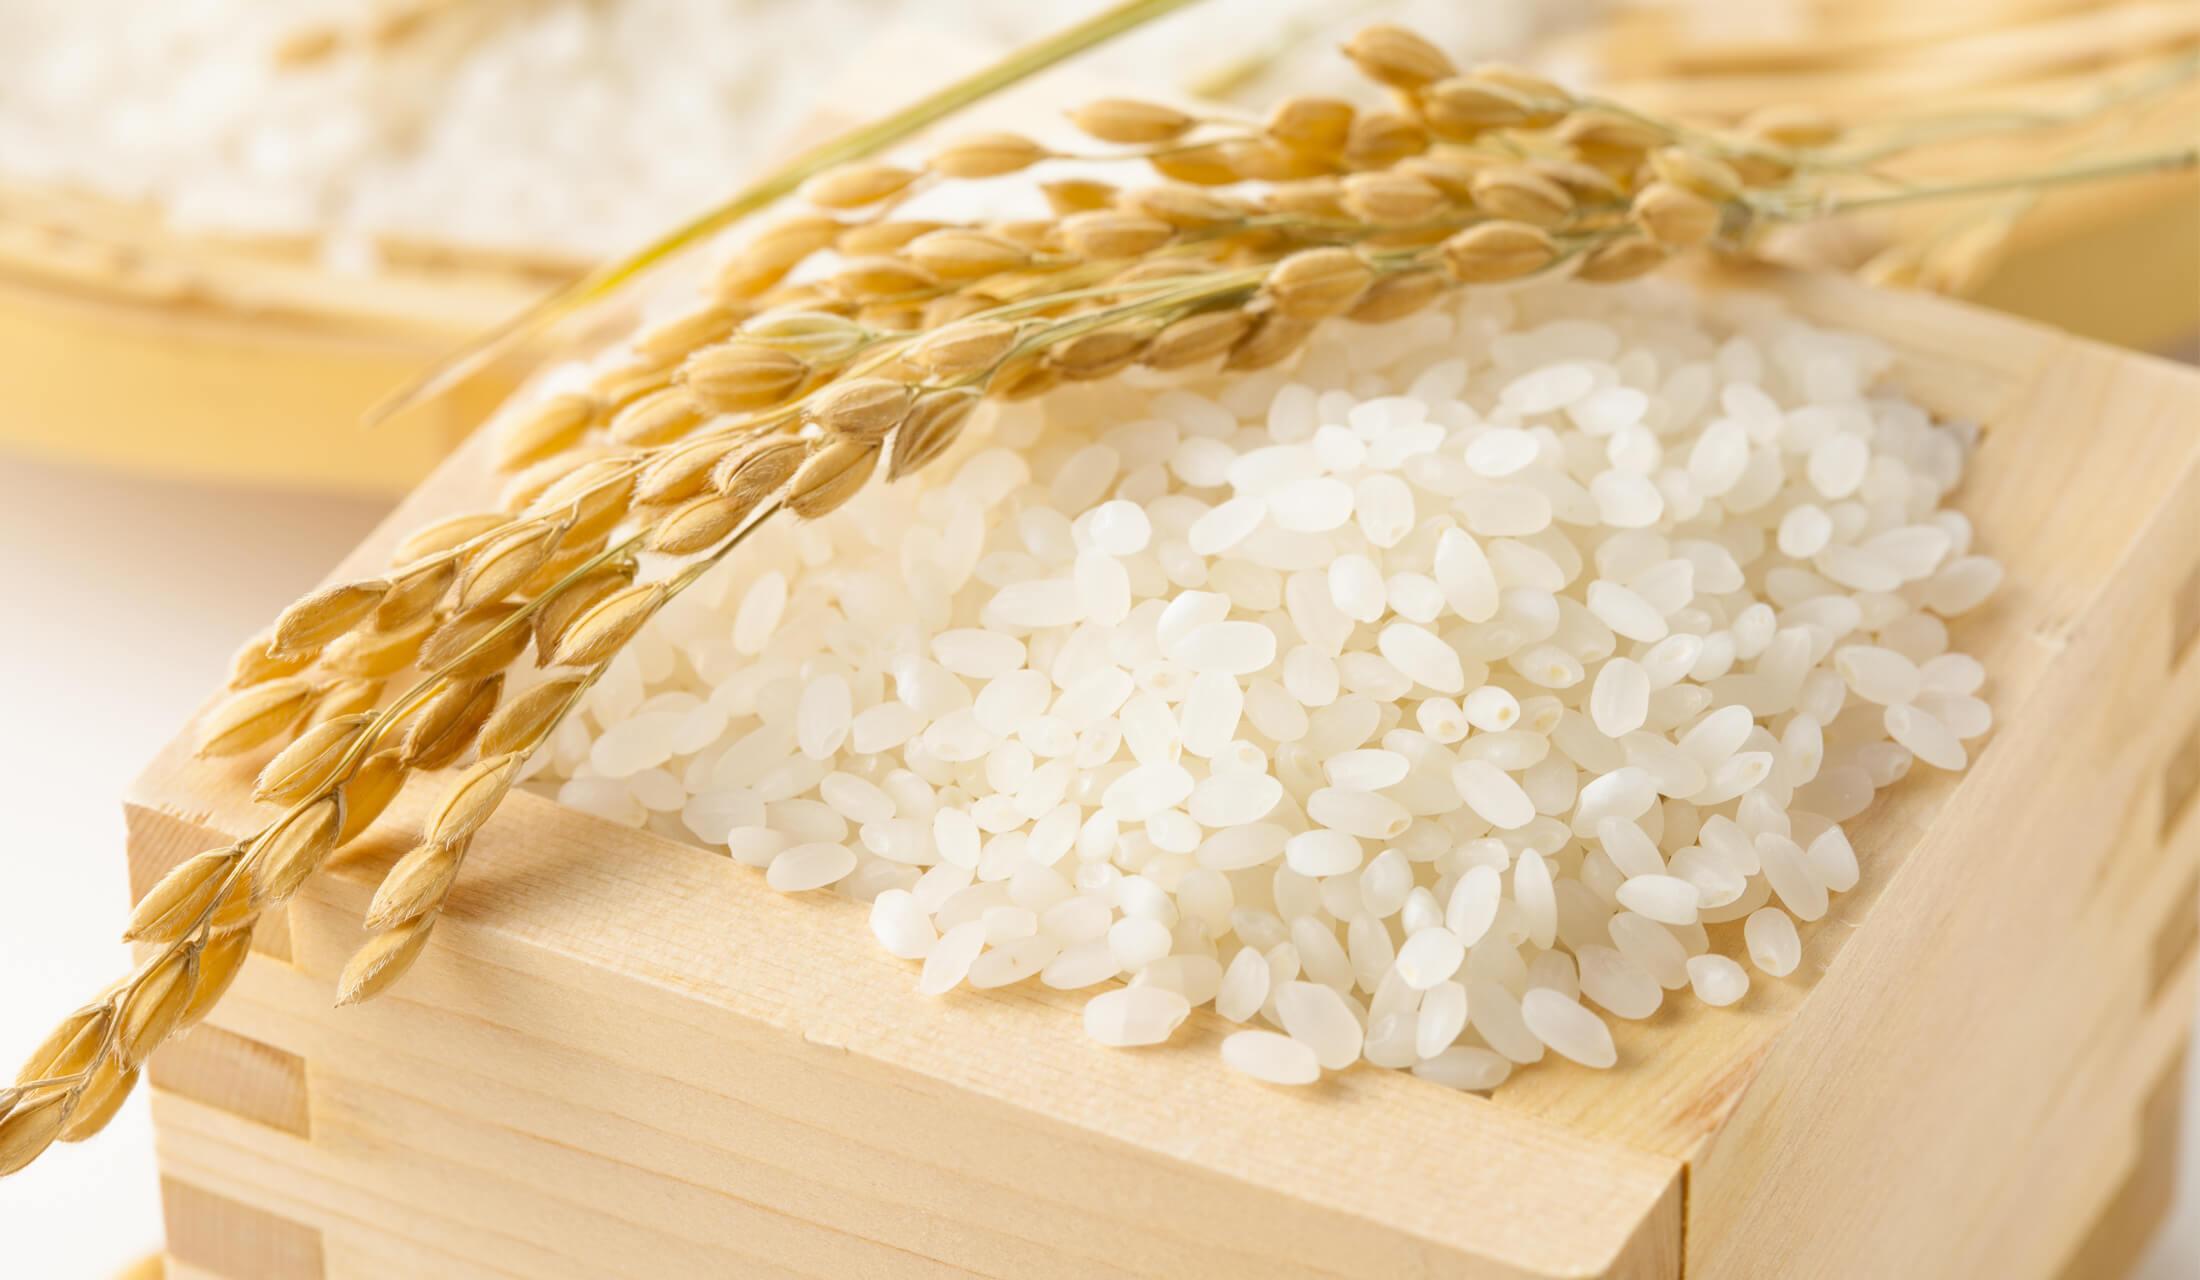 木の一合升に米がたっぷり入れられ、その上に稲穂がかかっている